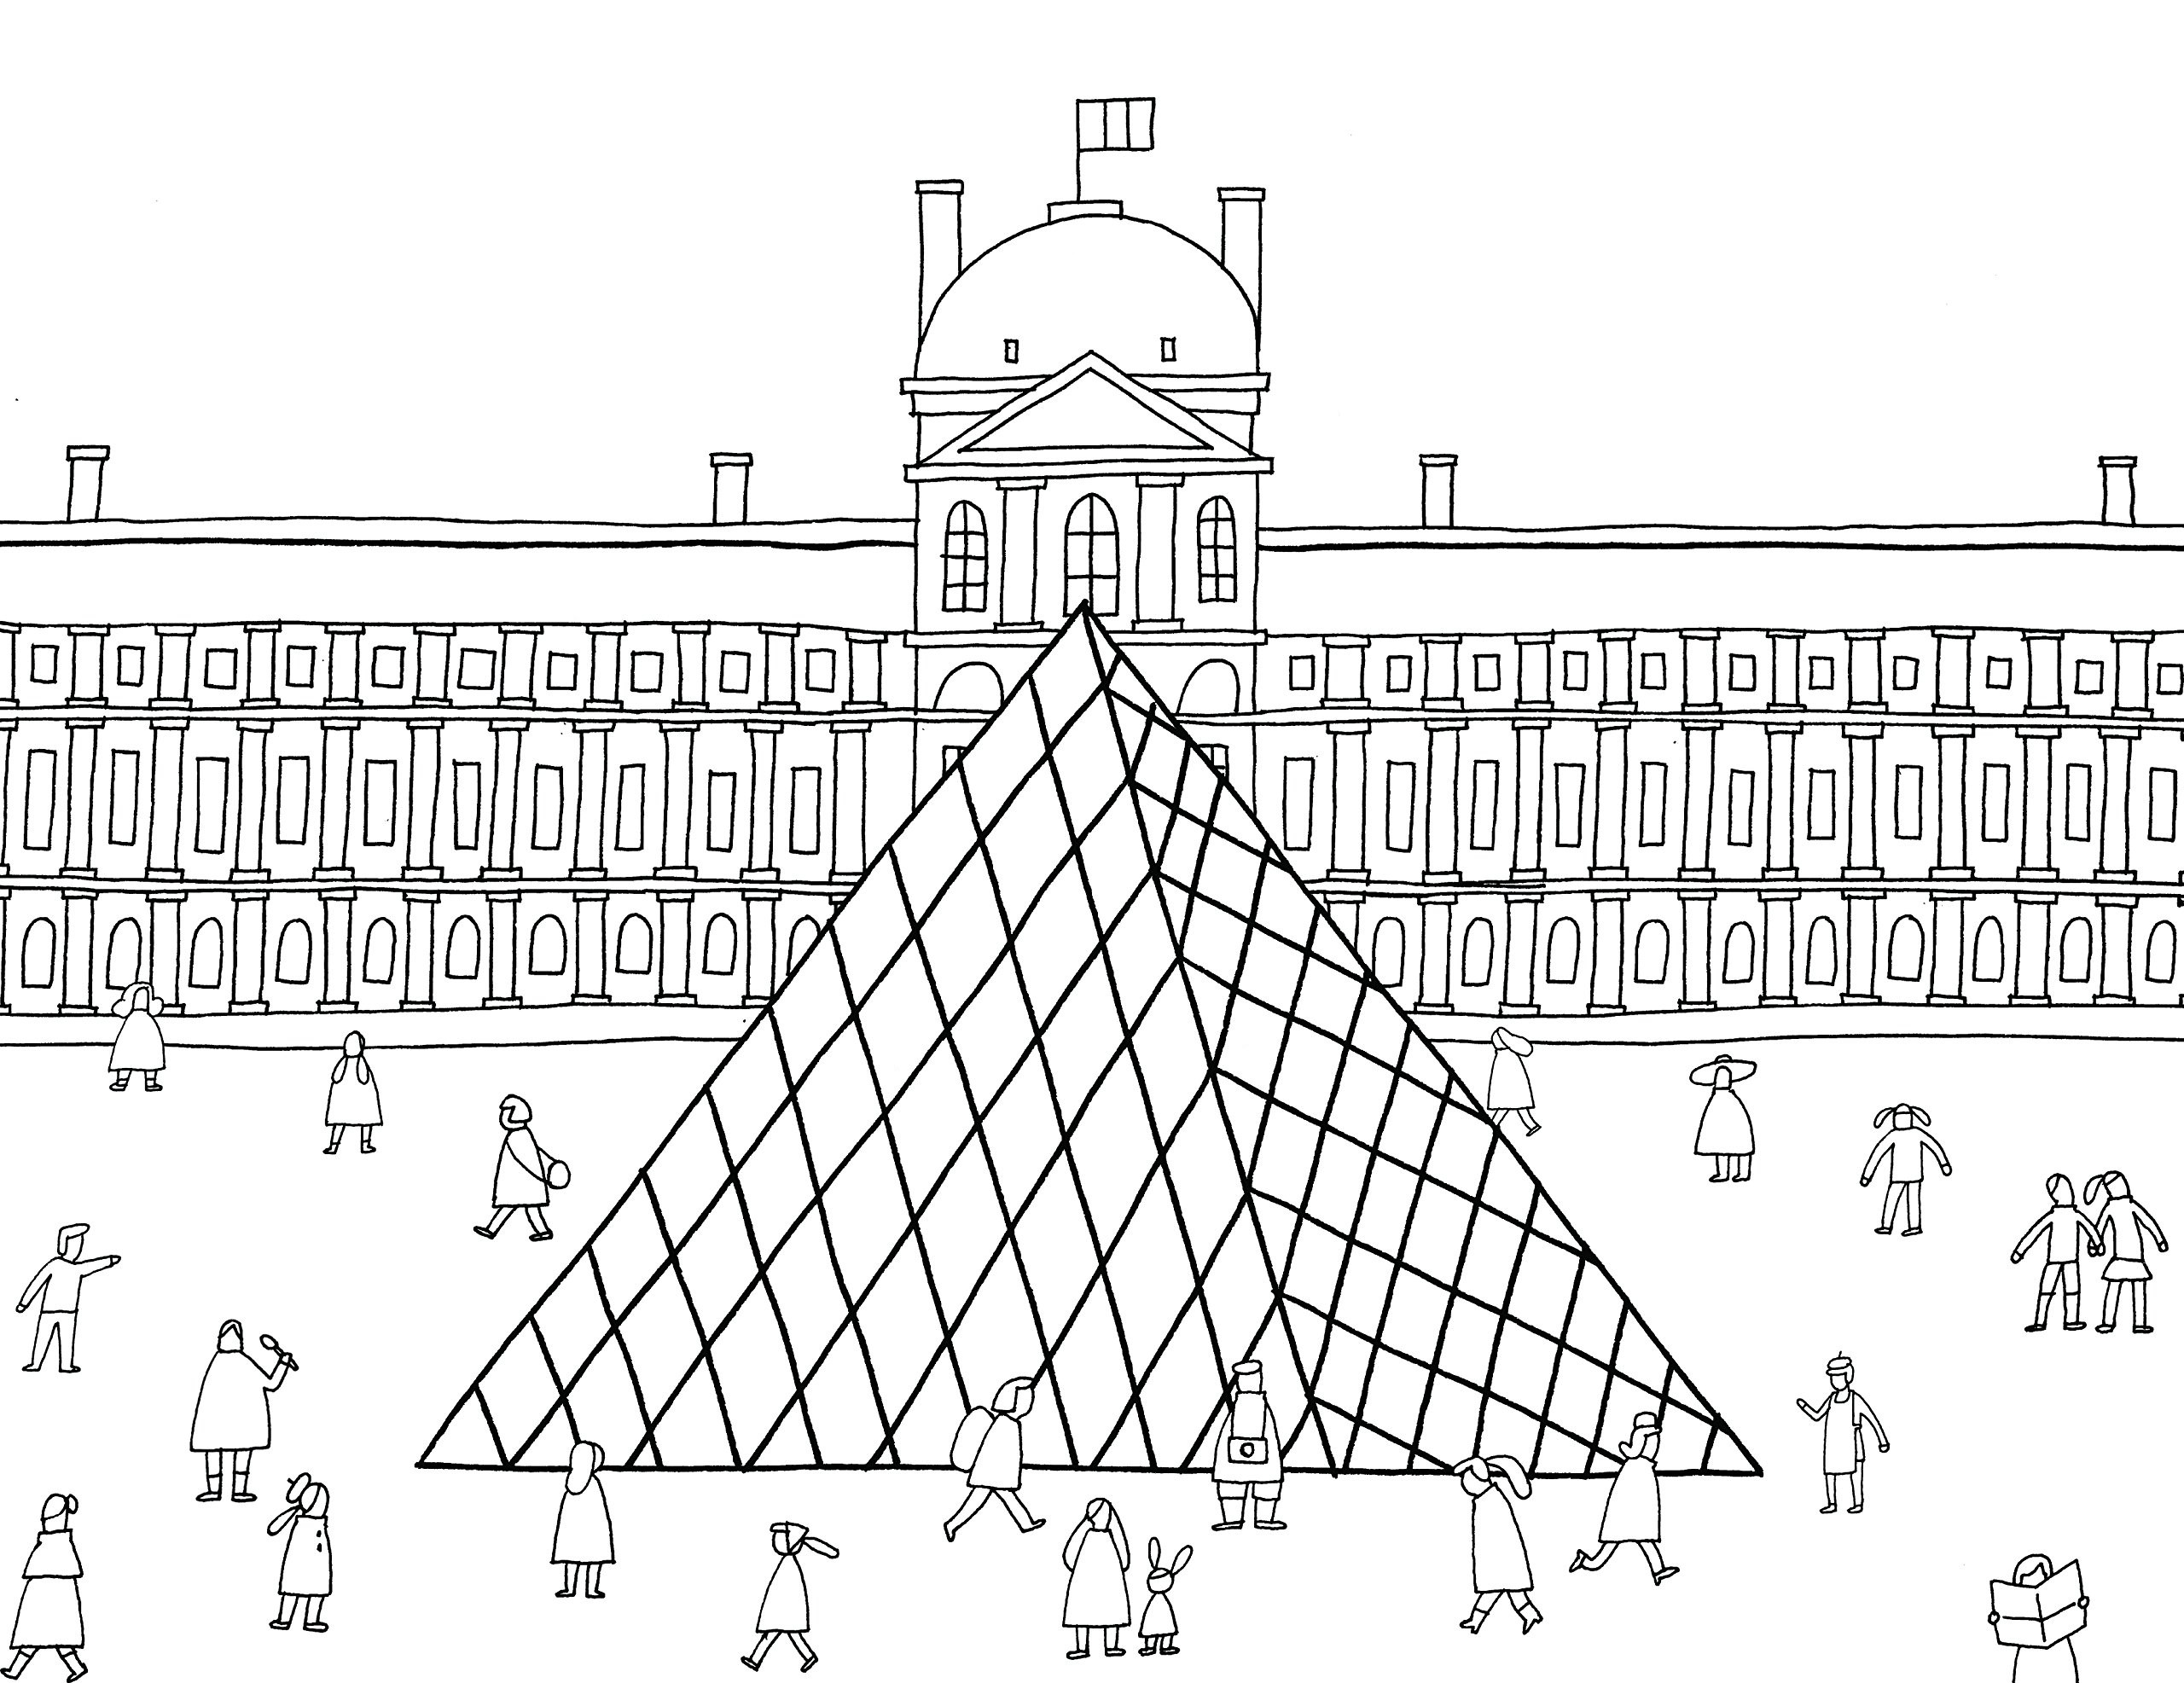 Раскраски сложные для взрослых антистресс «Стеклянная пирамида», чтобы распечатать